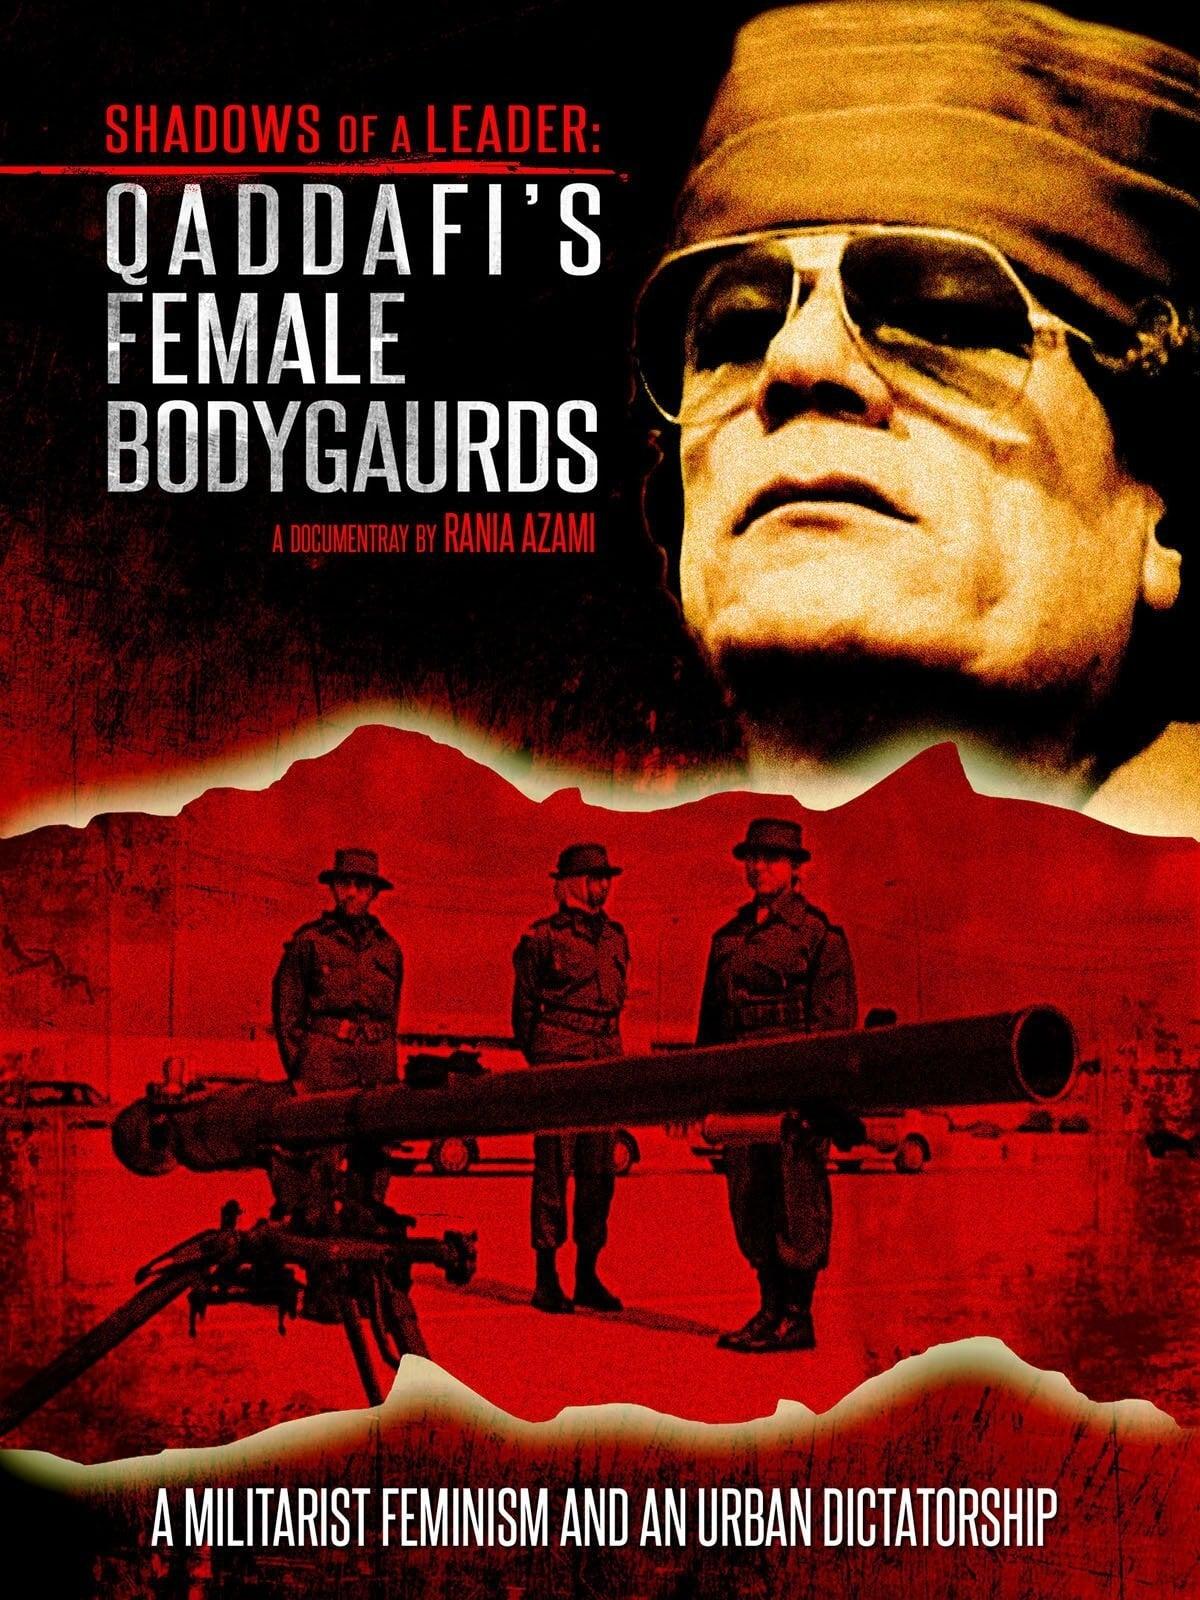 Shadows of a Leader: Qaddafi's Female Bodyguards